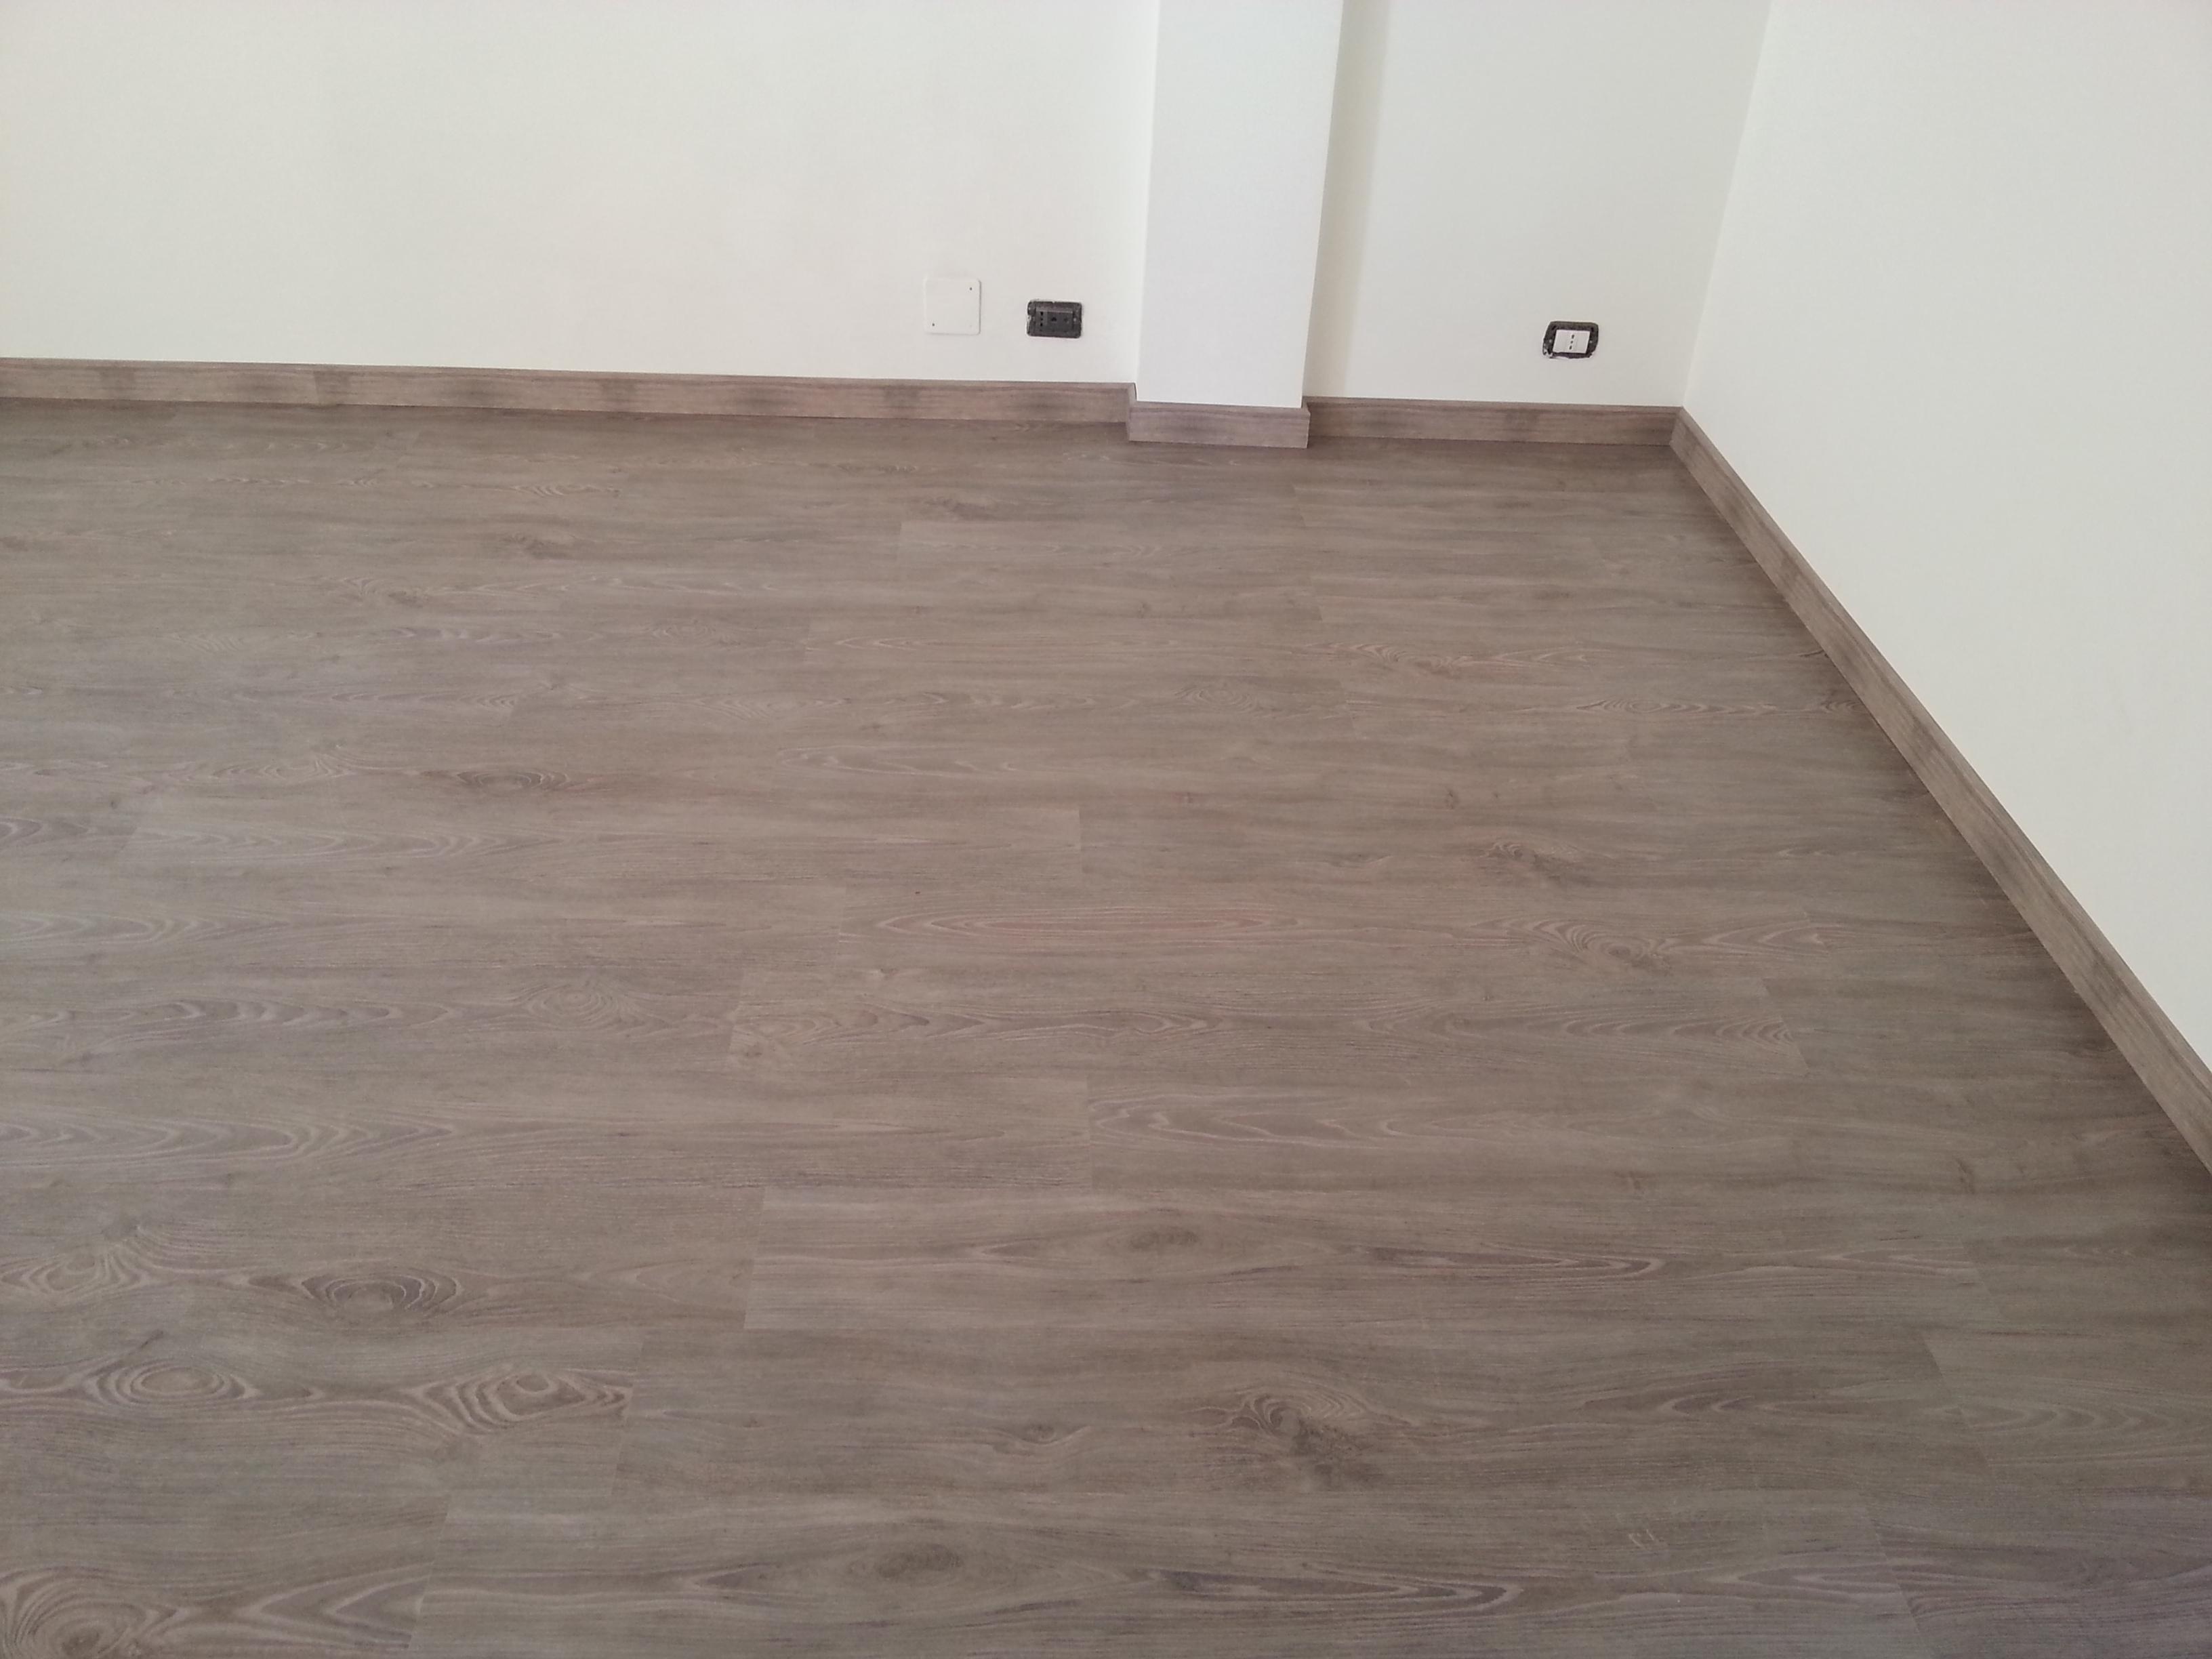 Pavimenti In Laminato Rovere Grigio: Pavimento laminato rovere ...